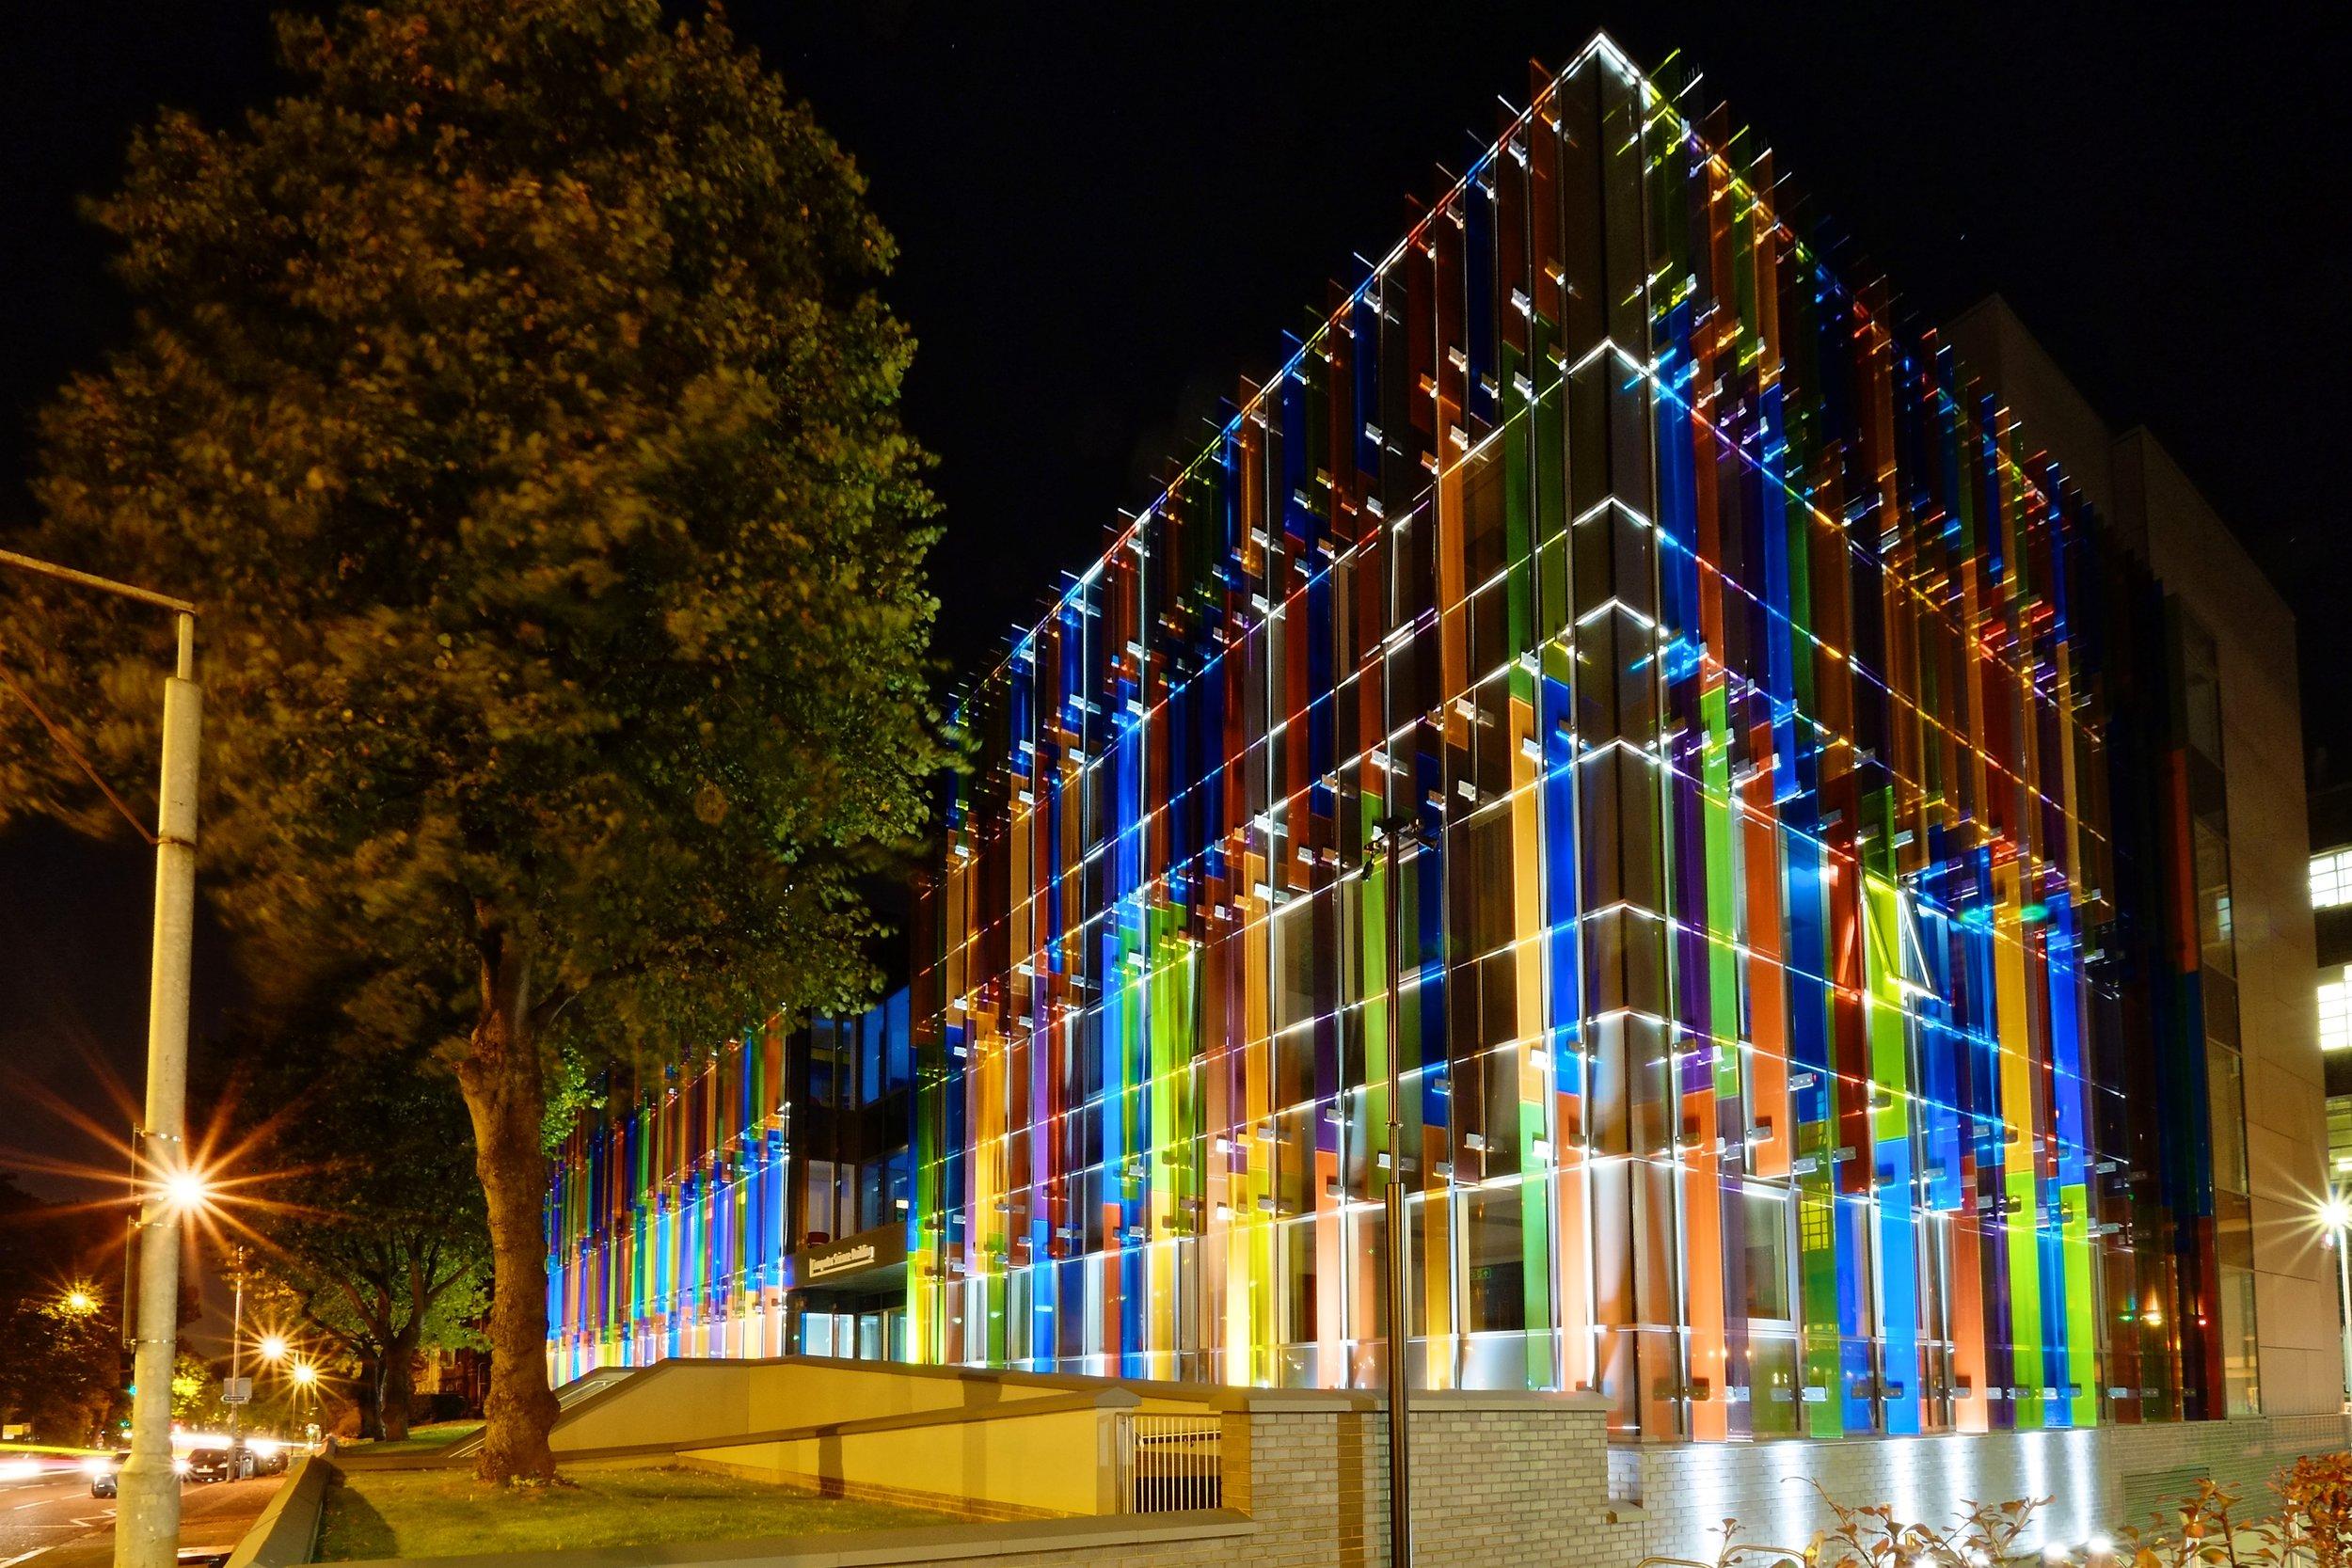 Queen's University Bernard Crossland Building